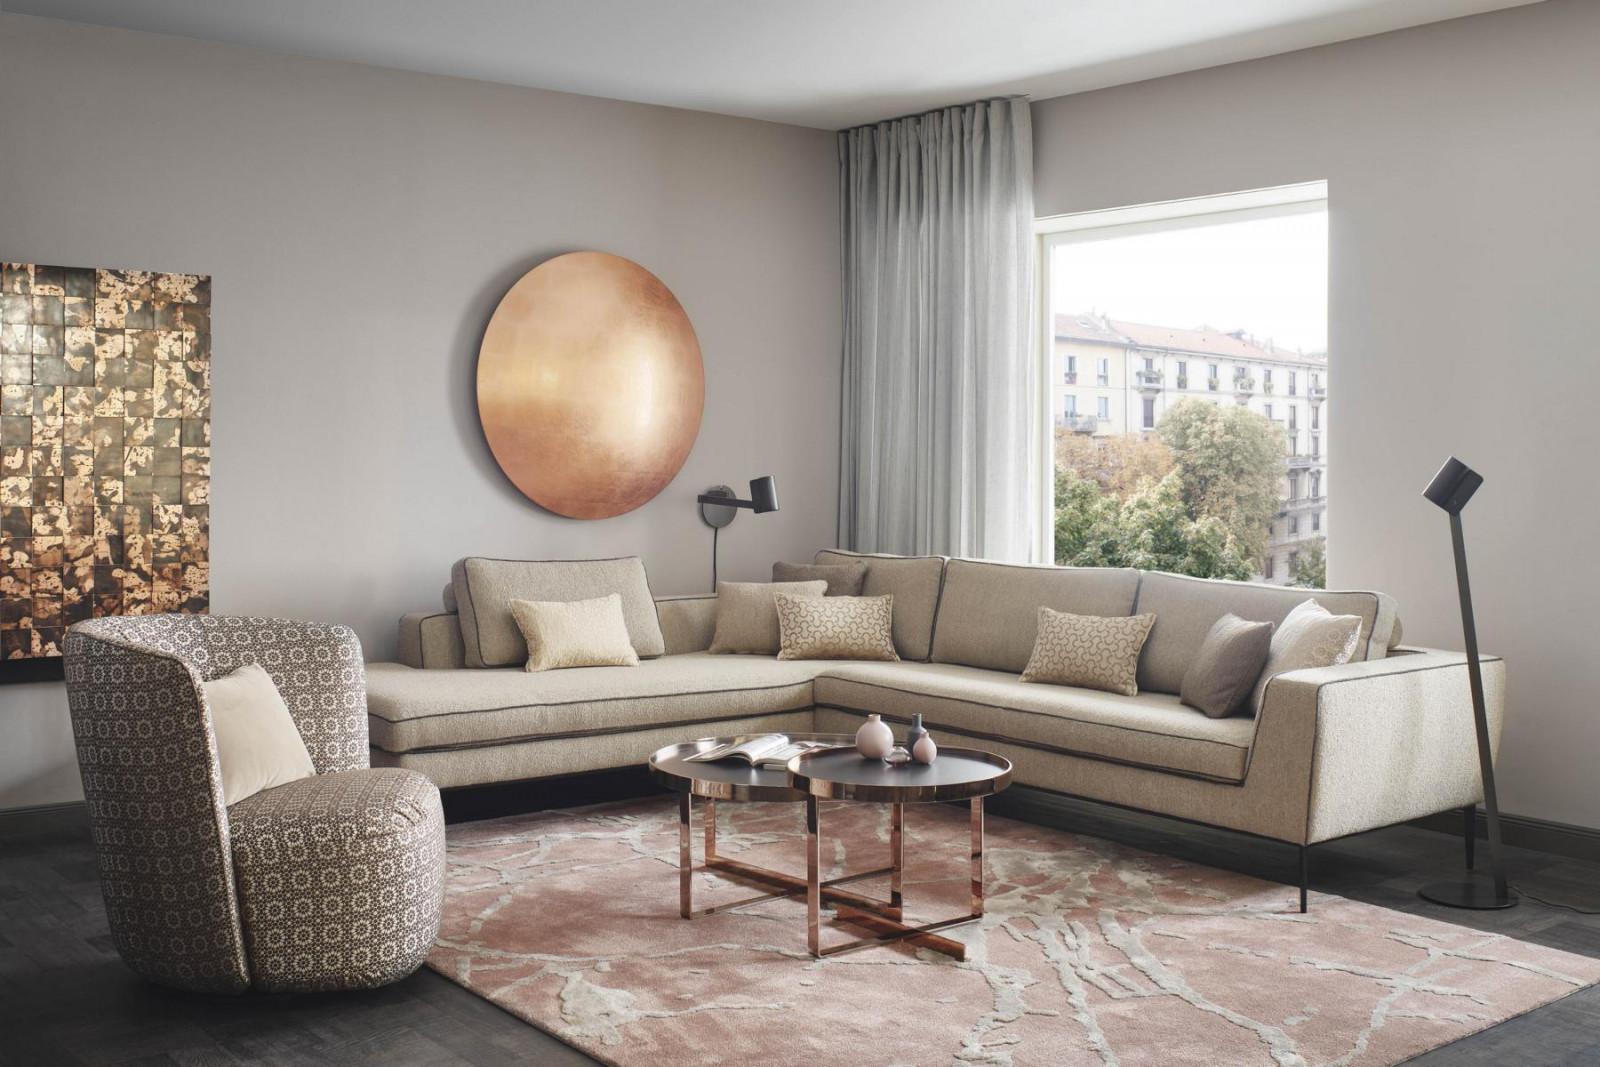 Sessel OHELIA, Sofa LORD mit Eckanbauelement, Leuchte DISKUS in Kupfer und Teppich ANDORIA